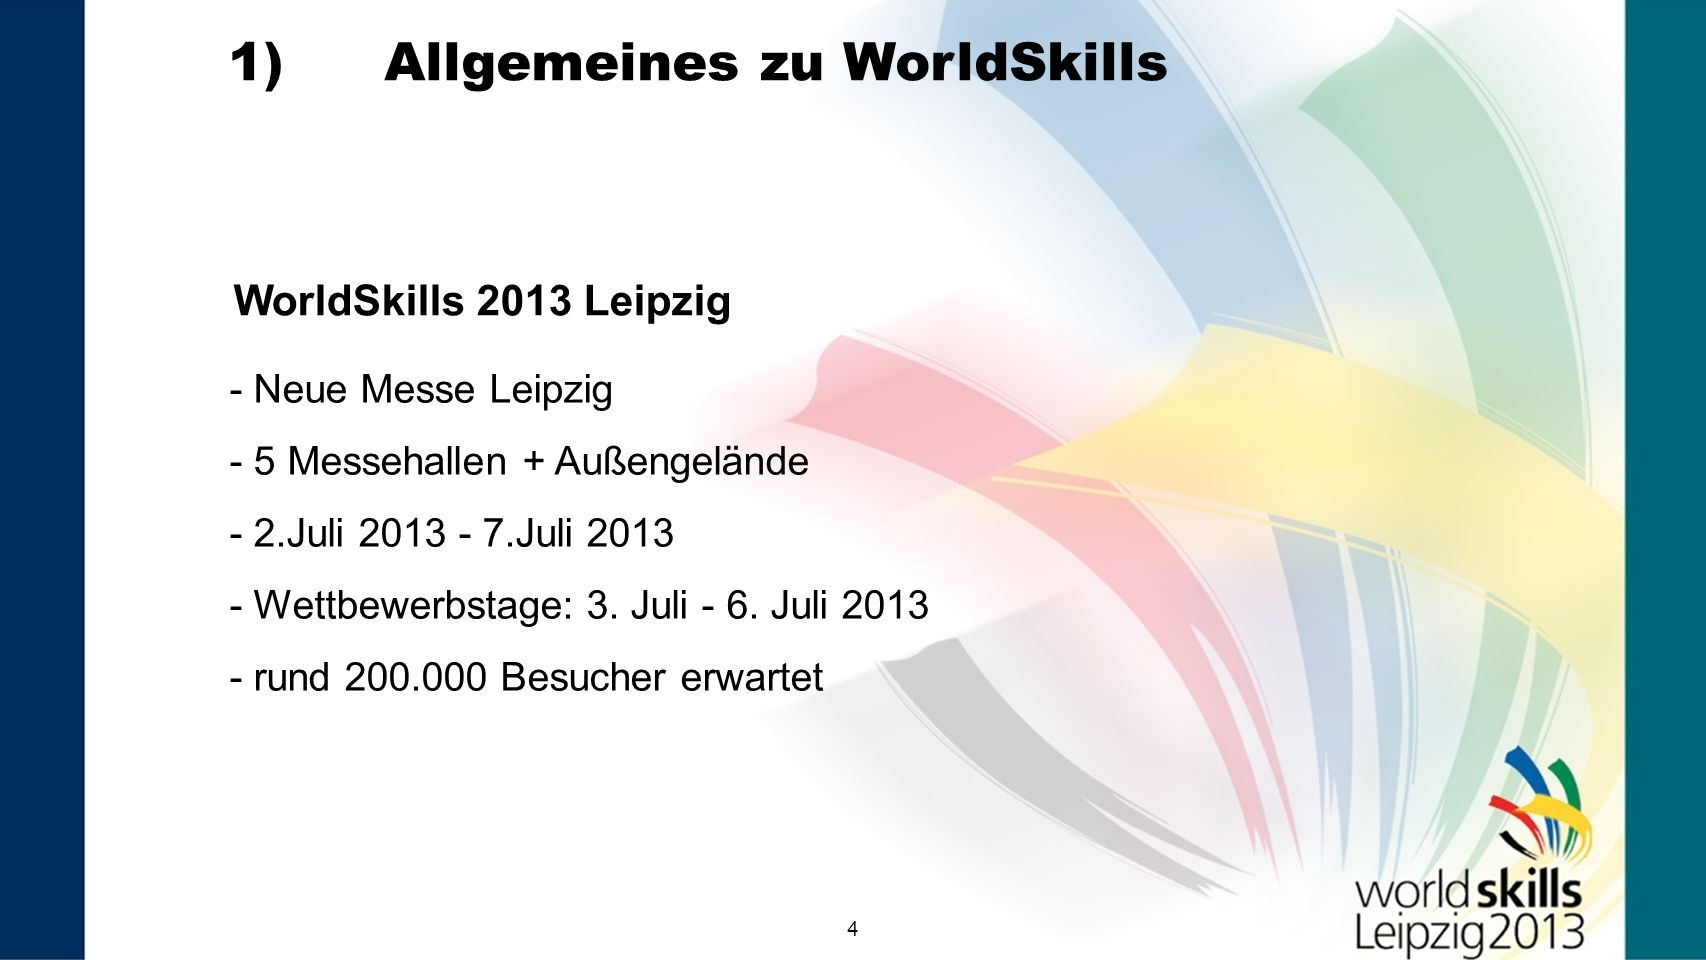 1) Allgemeines zu WorldSkills